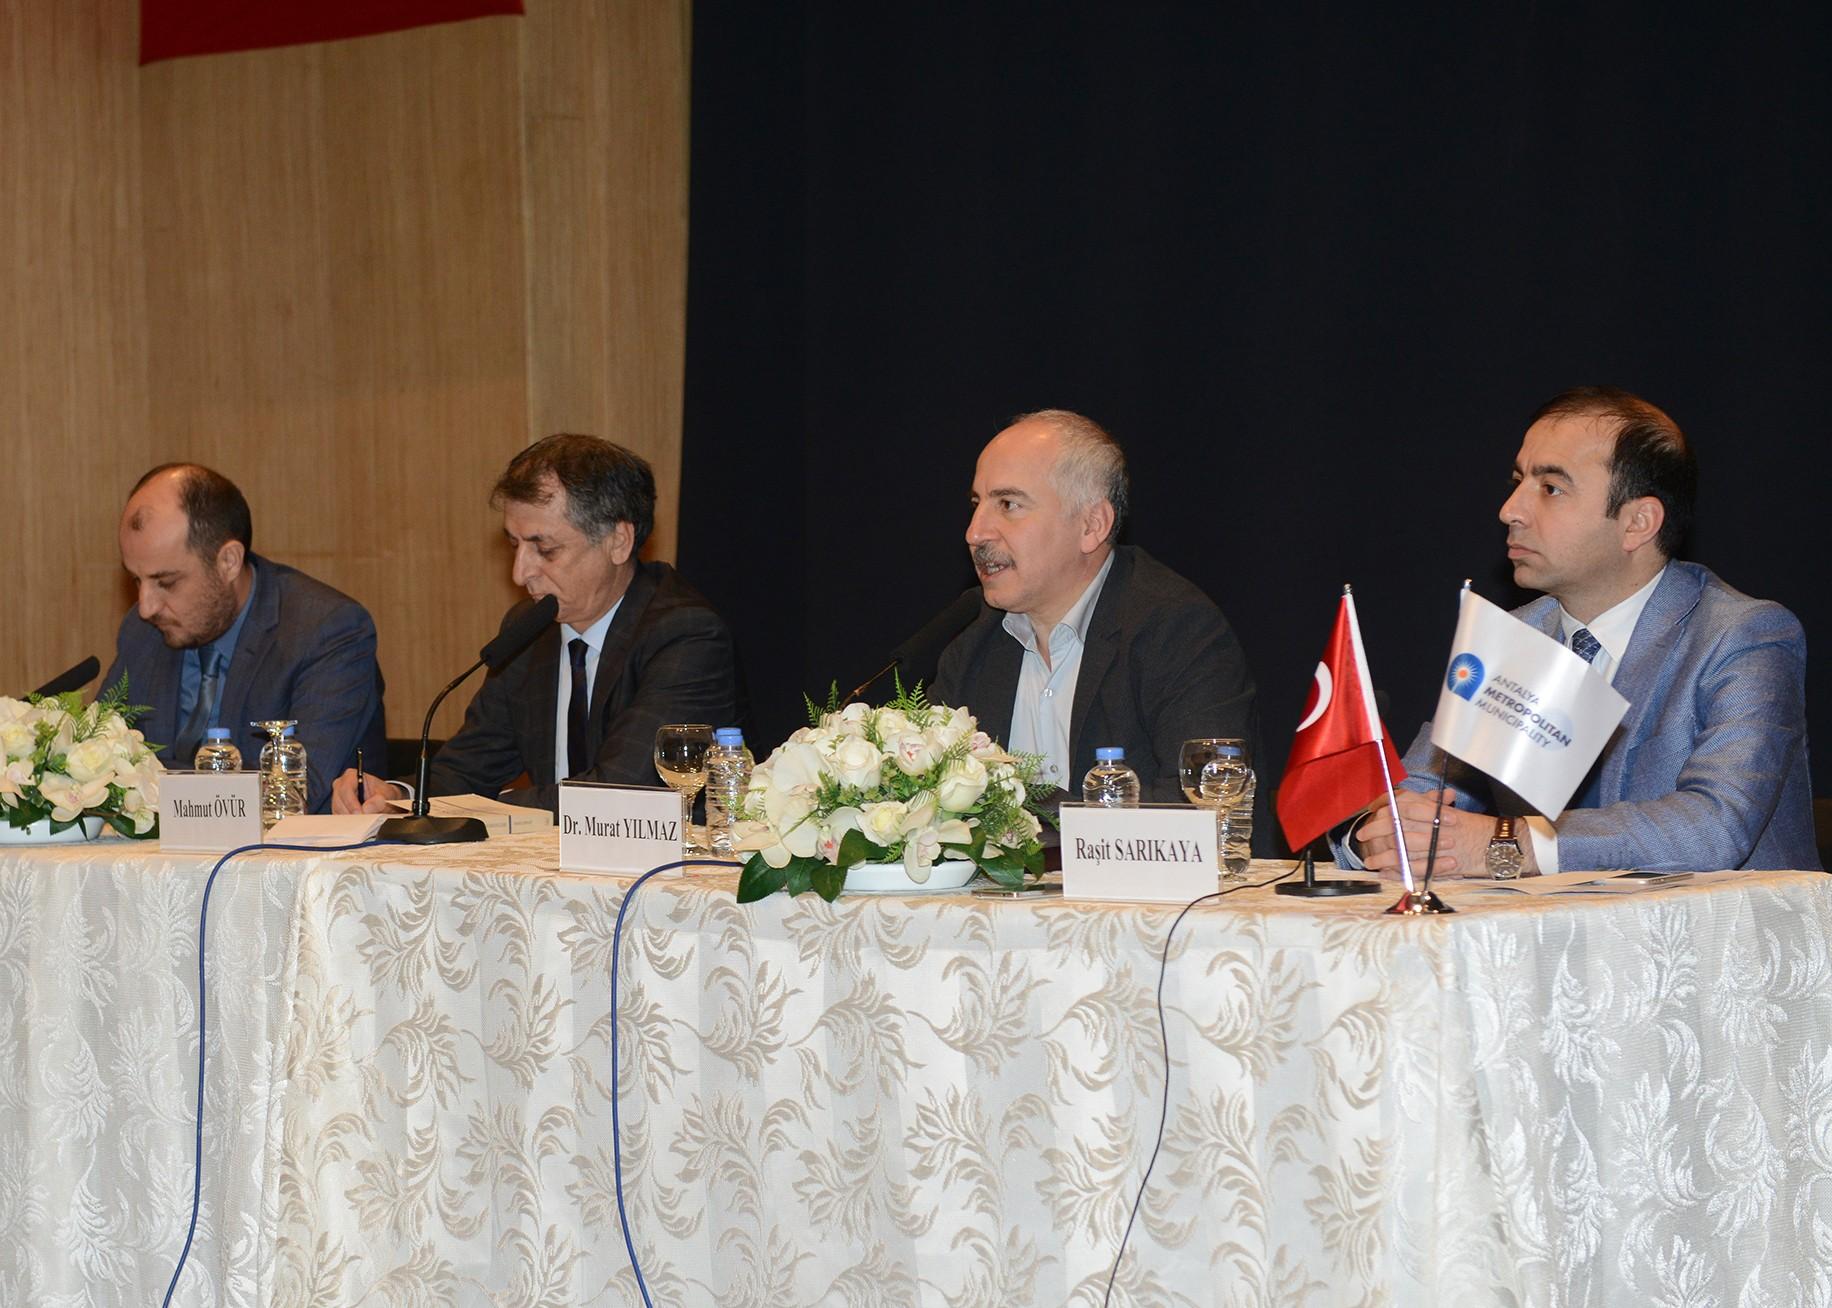 """Yeni Türkiye için Yeni Anayasa """"Sivil ve özgürlükçü bin anayasa şart"""""""